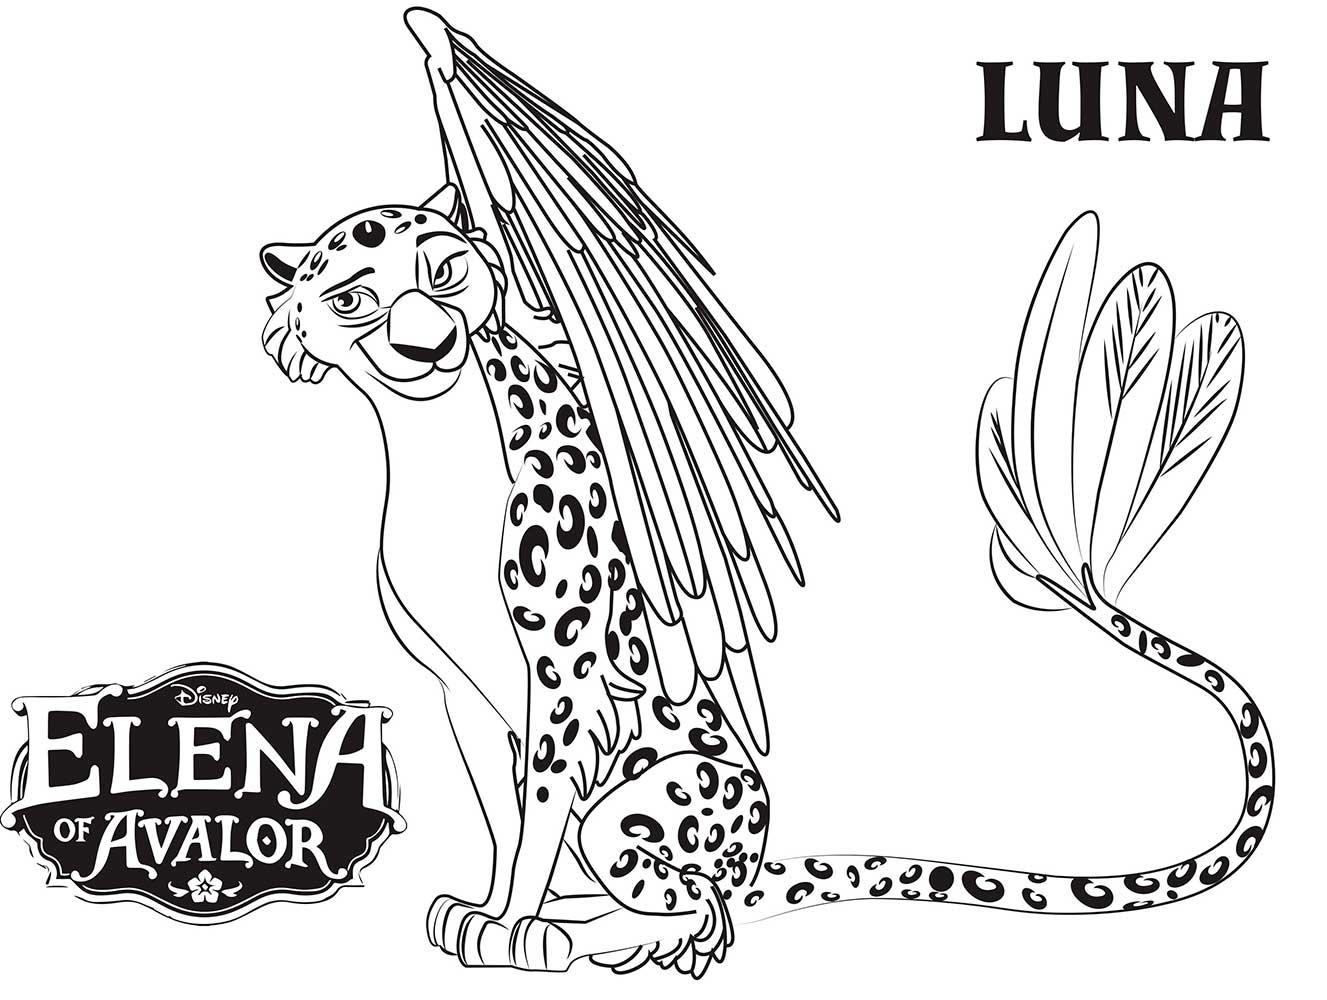 Dibujos Para Colorear De Disney Infinity: Luna-dibujos-colorear-elena-de-avalor